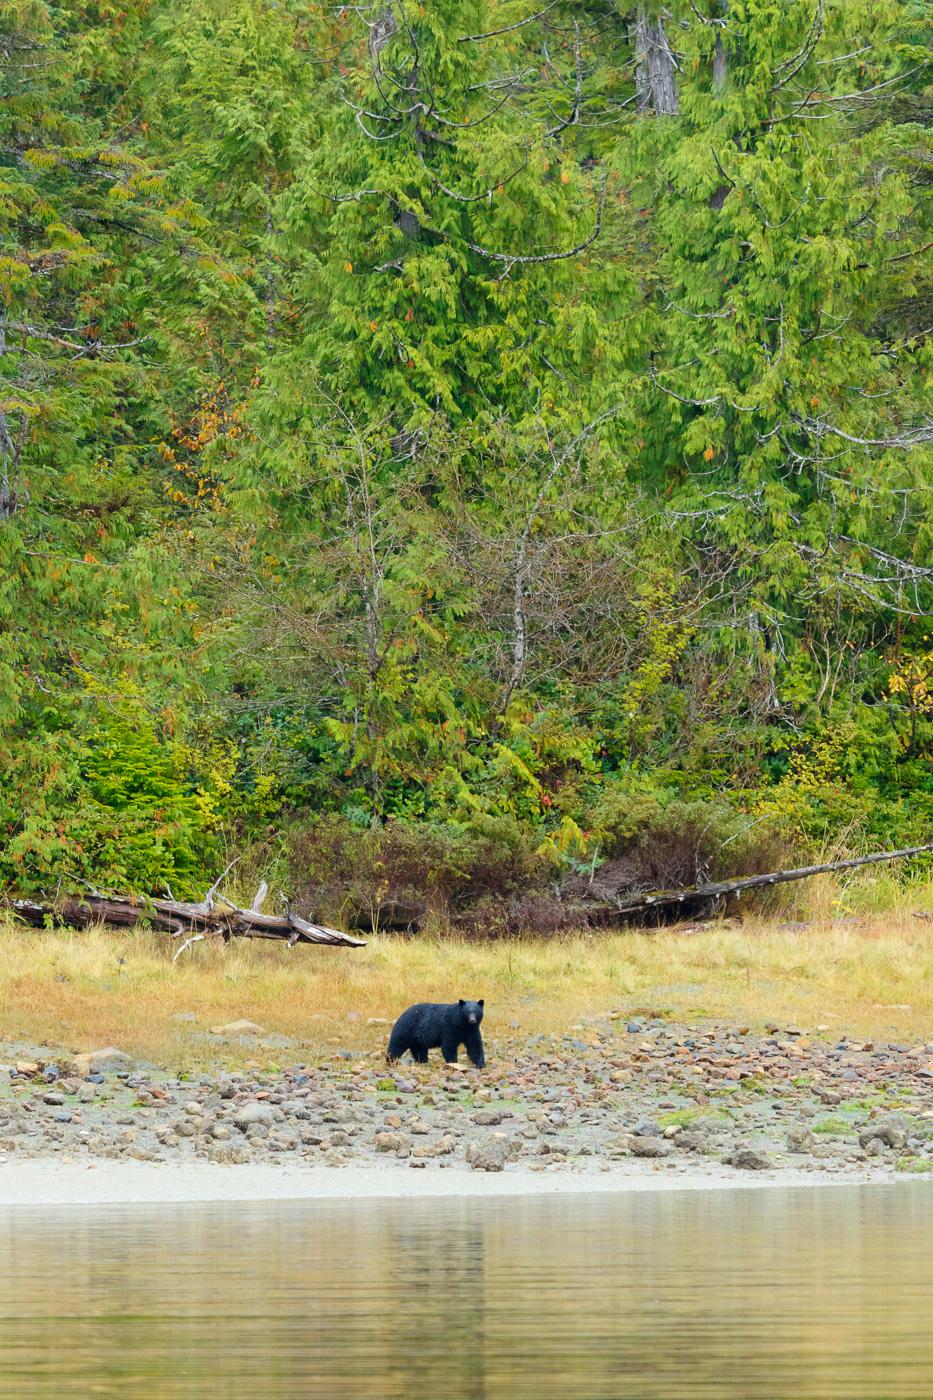 Black Bear (Ursus americanus), Vancouver island, Canada. - Fauna de Nord-Amèrica - Raül Carmona - Fotografia, Fotografia d'estudi, esdeveniments i Natura